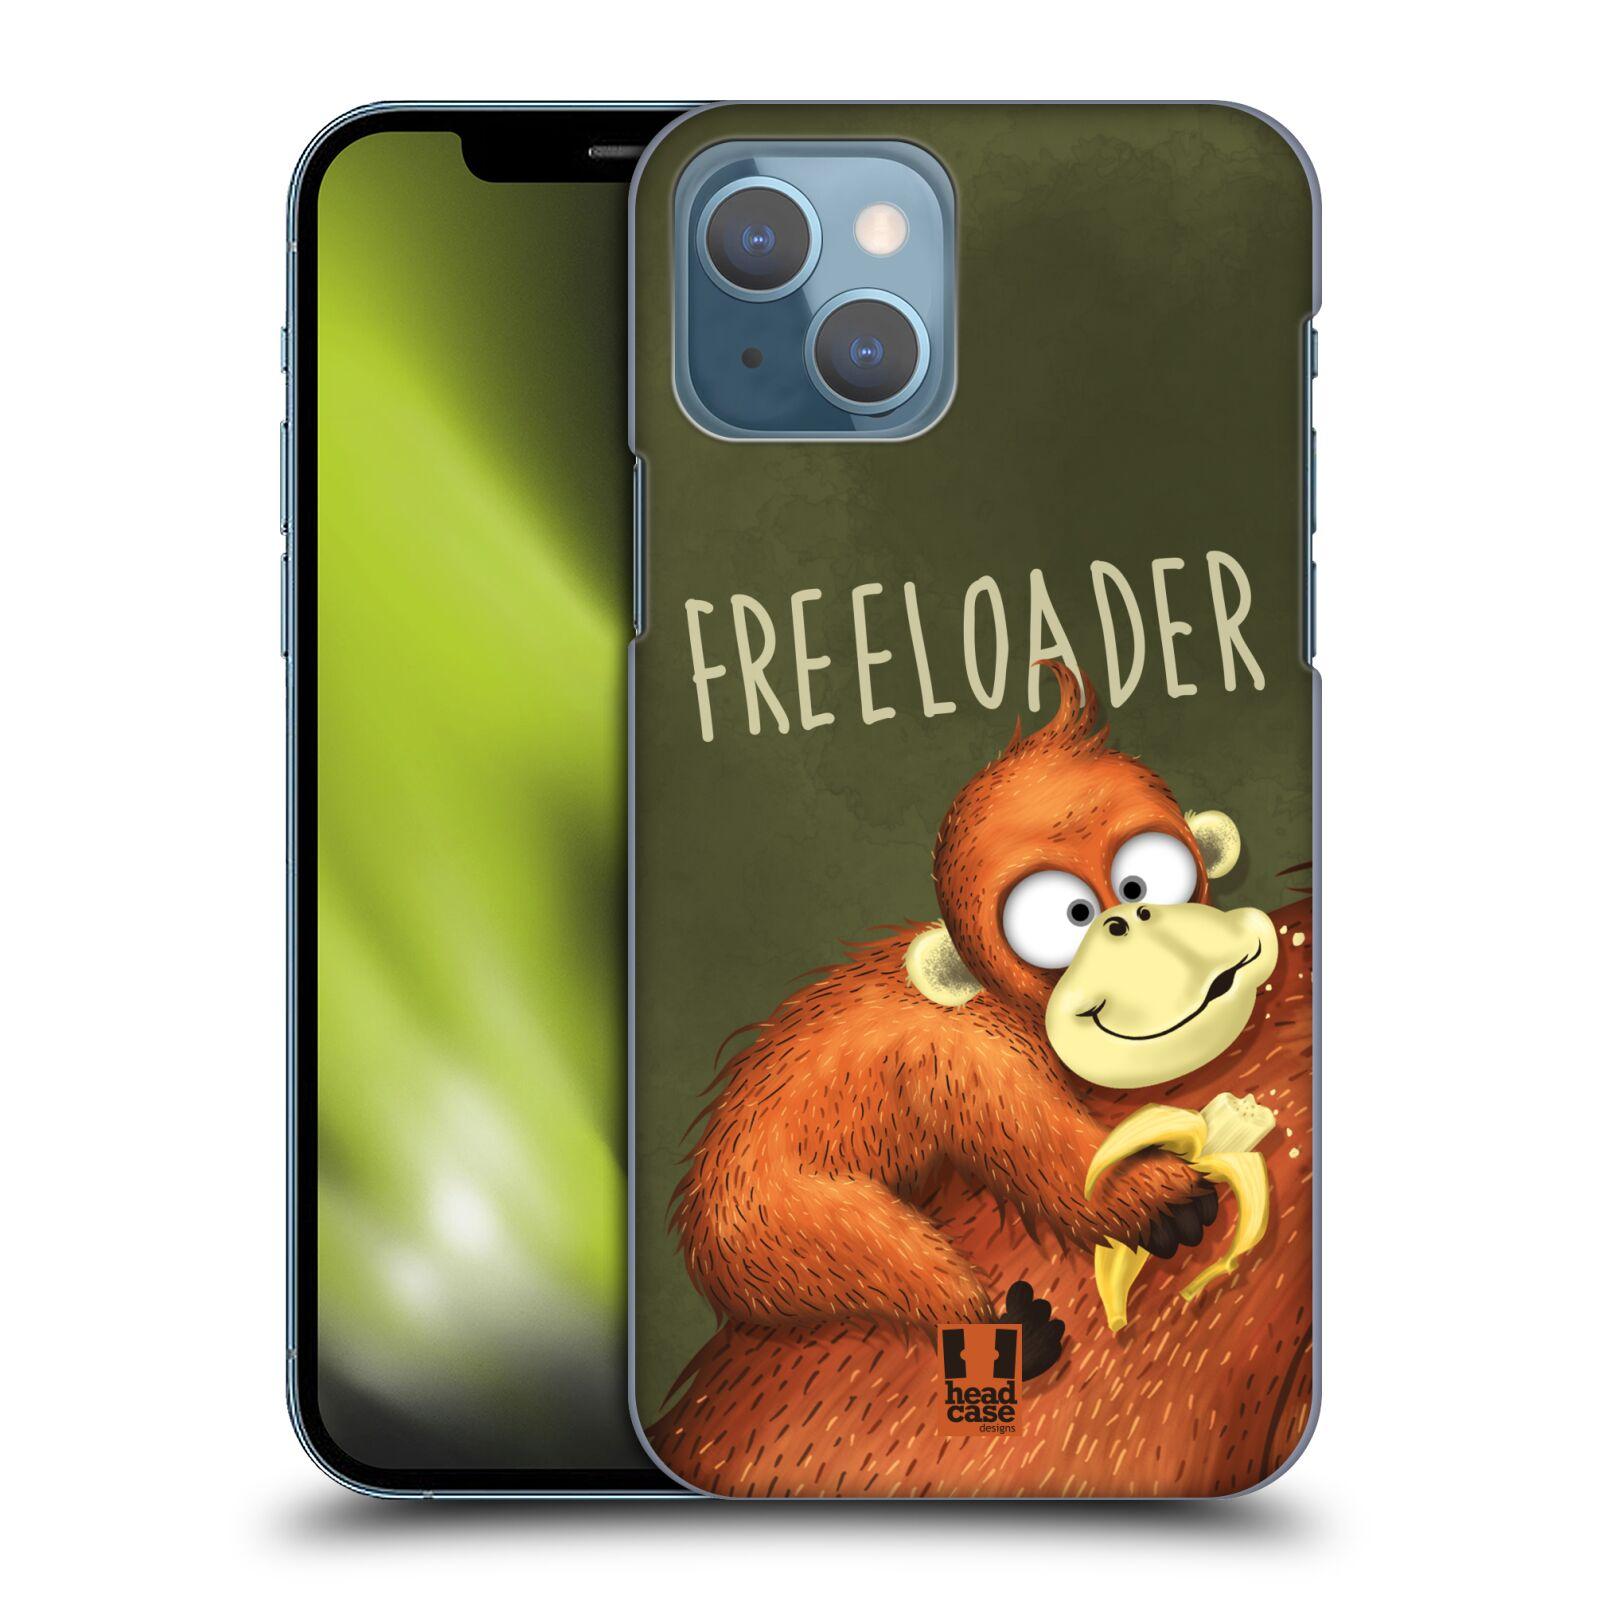 Plastové pouzdro na mobil Apple iPhone 13 - Head Case - Opičák Freeloader